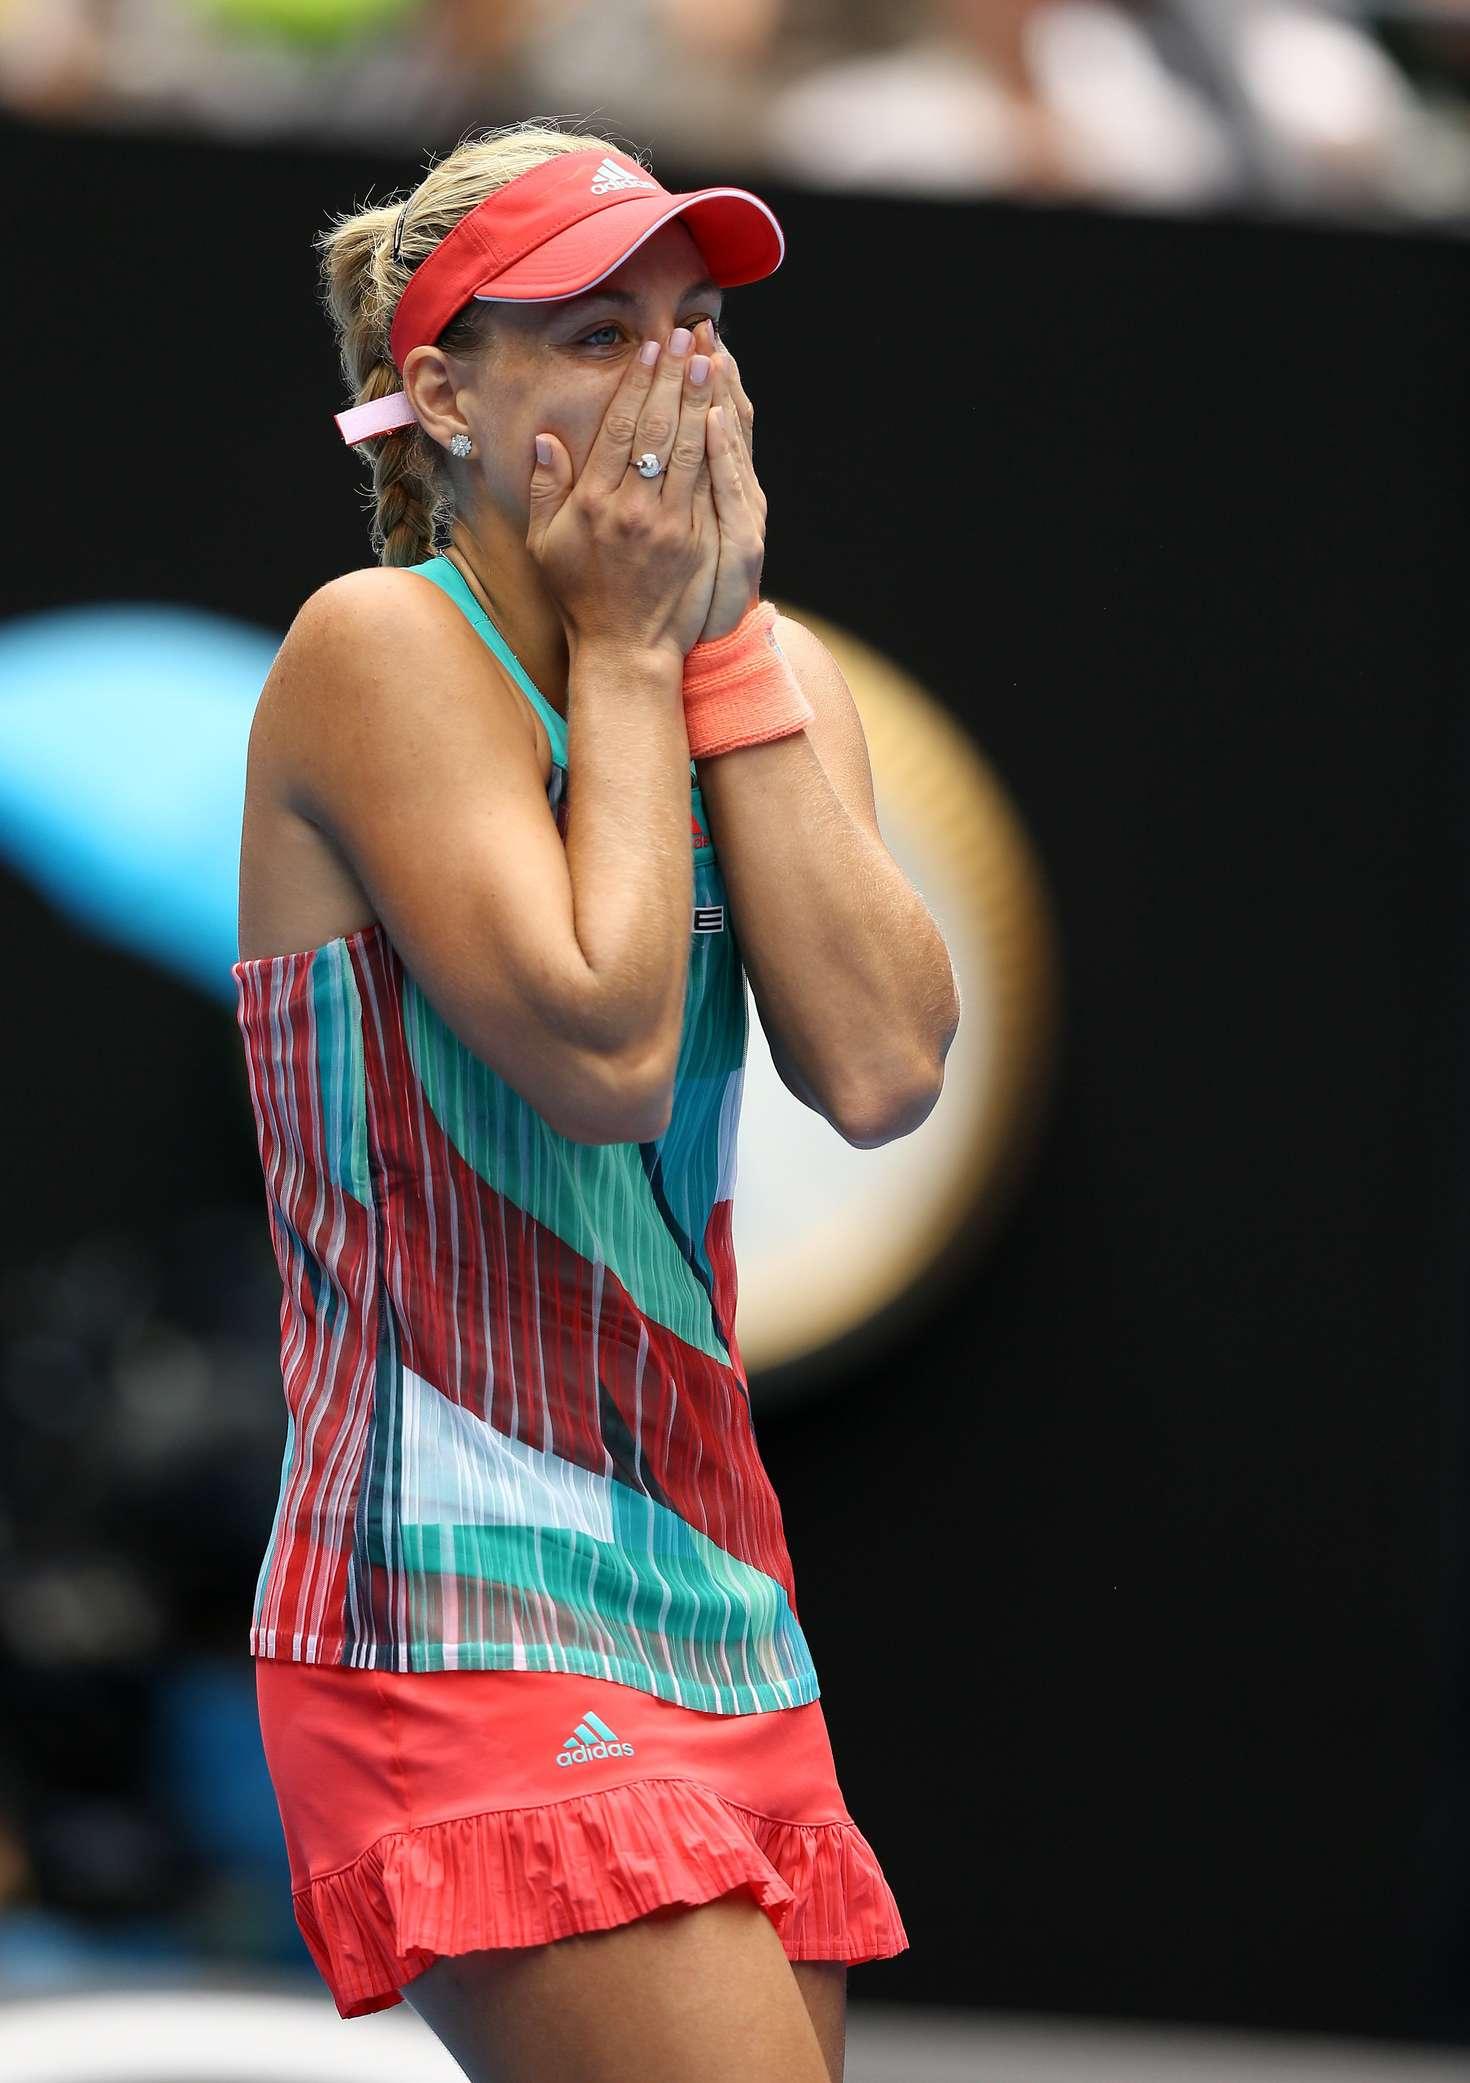 Angelique Kerber Australian Open Championships in Melbourne